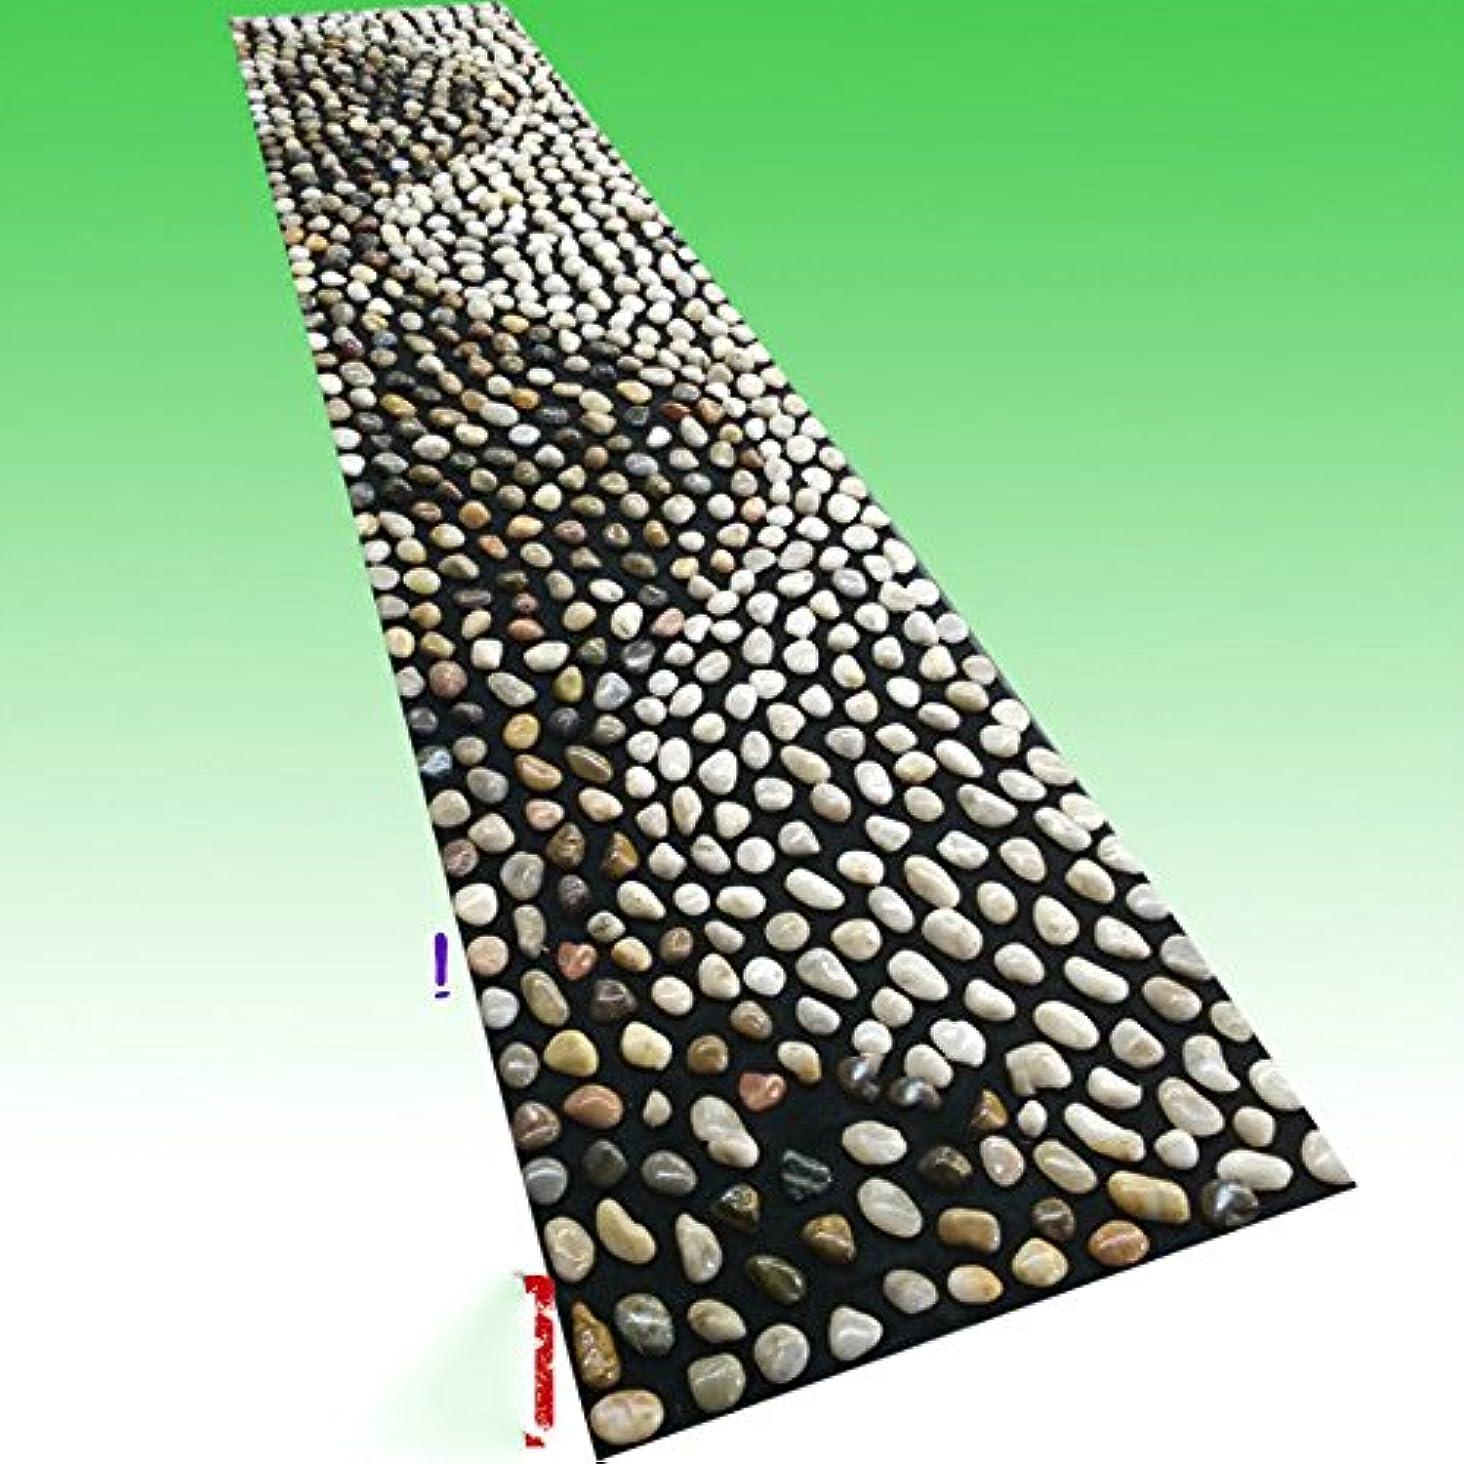 命題コンパニオンぴかぴか足つぼ マット マッサージシート マッサージ 足裏 健康 ツボ刺激 折りたたみ ウォーキングマット 足裏マット 本物の健康 フットマッサージ 足のマッサージパッド 模造石畳の歩道